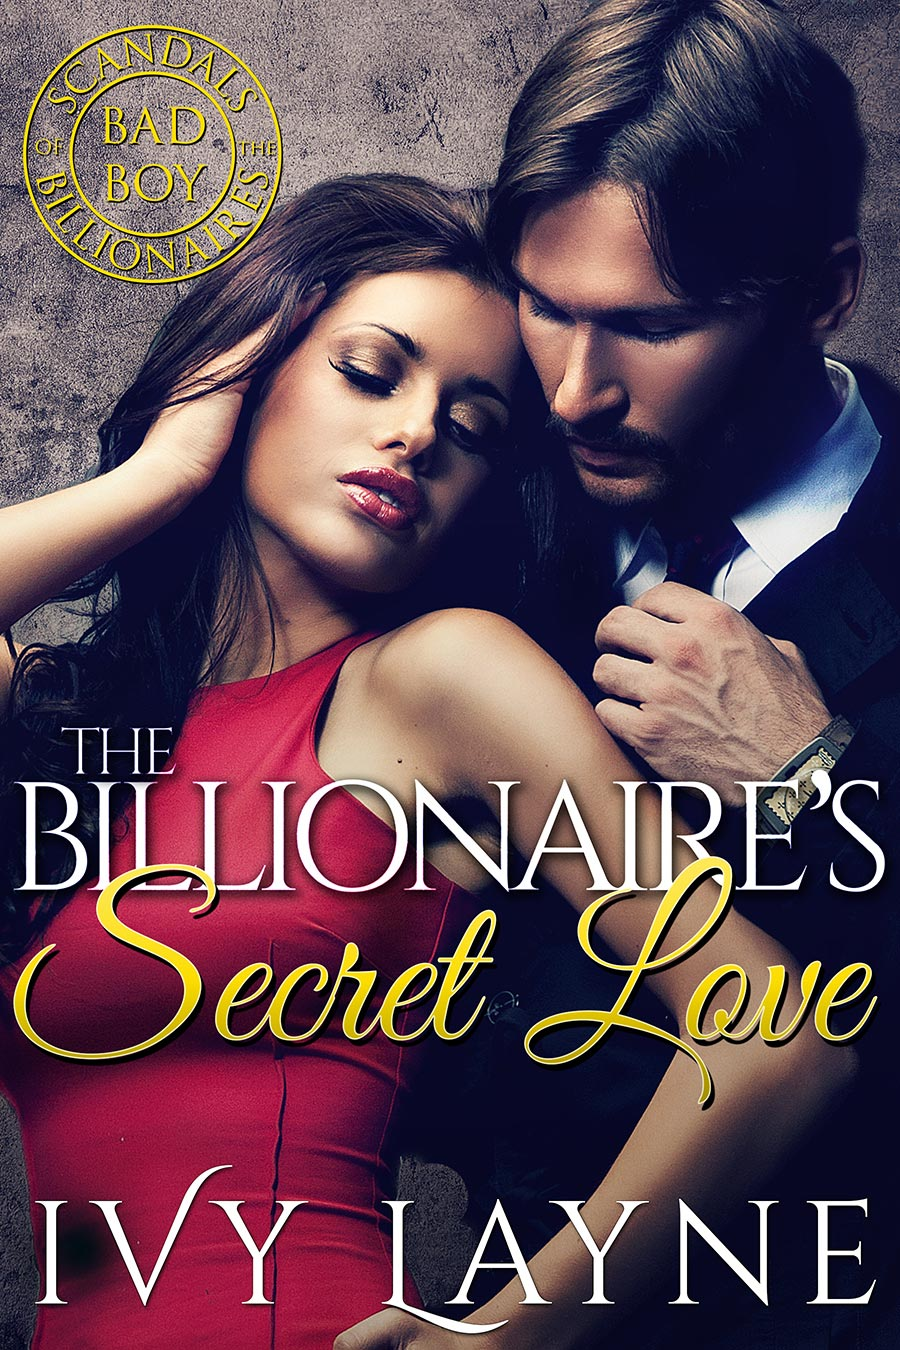 The-Billionaires-Secret-Love---Ivy-Layne---for-chris.jpg